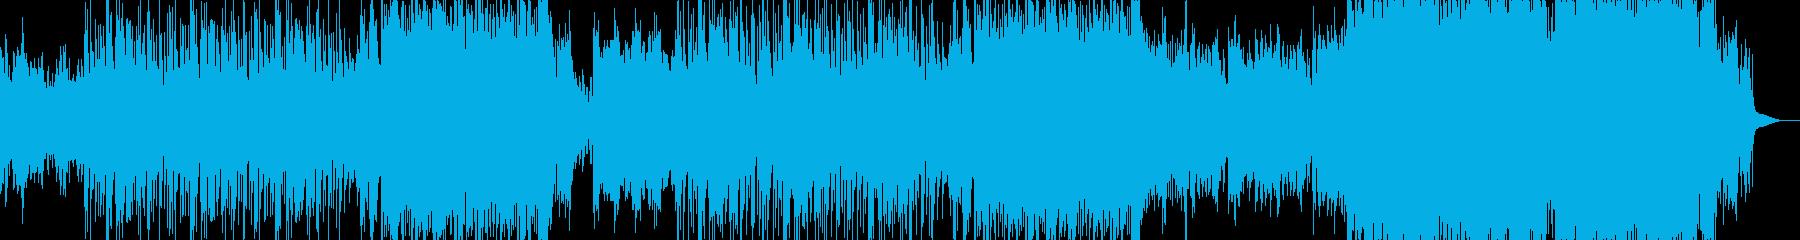 ポップソングの背景。バラバラなバラ...の再生済みの波形